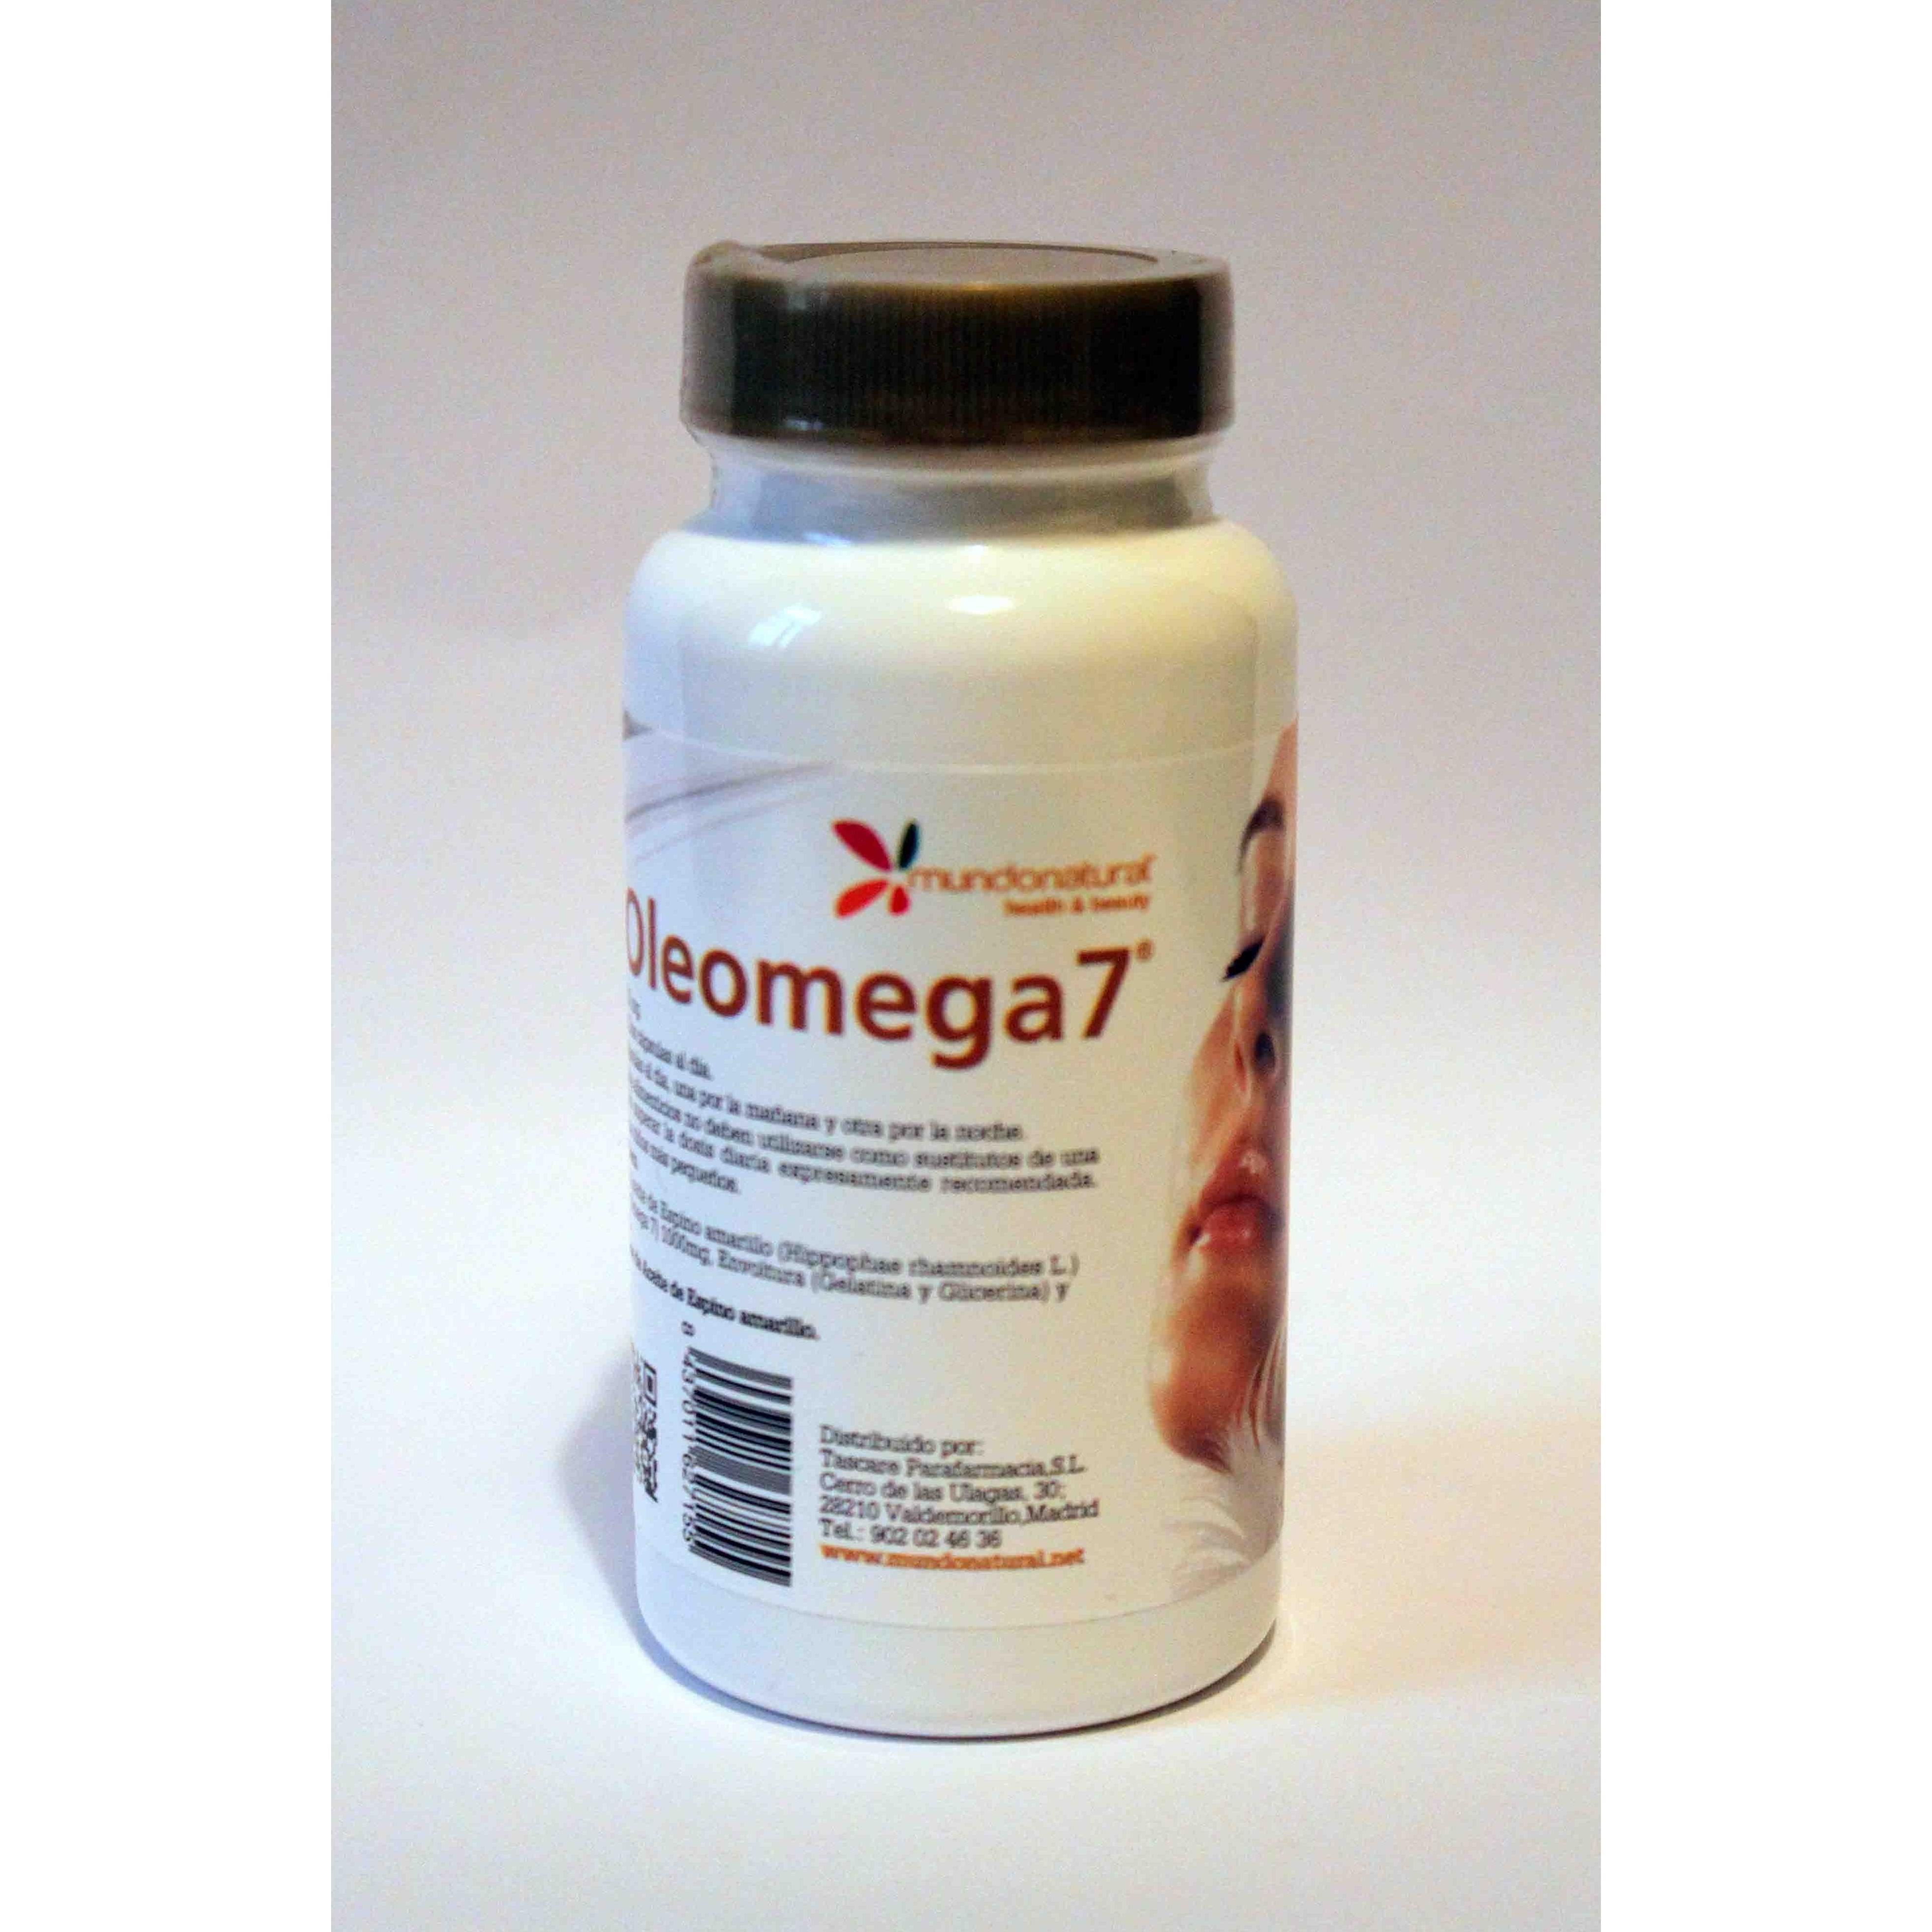 Oleomega 7                         : Catálogo de productos de Herbolario El Monte